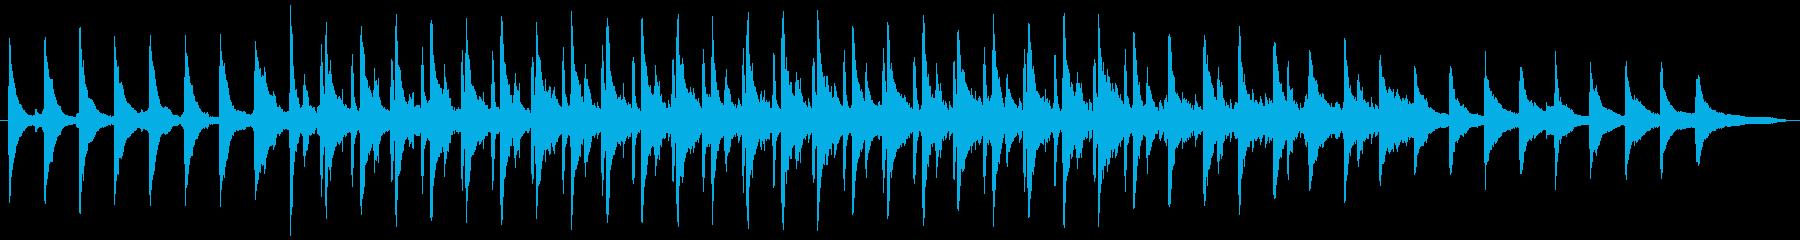 夕暮れの坂道 Lofi/チル/Vlogの再生済みの波形